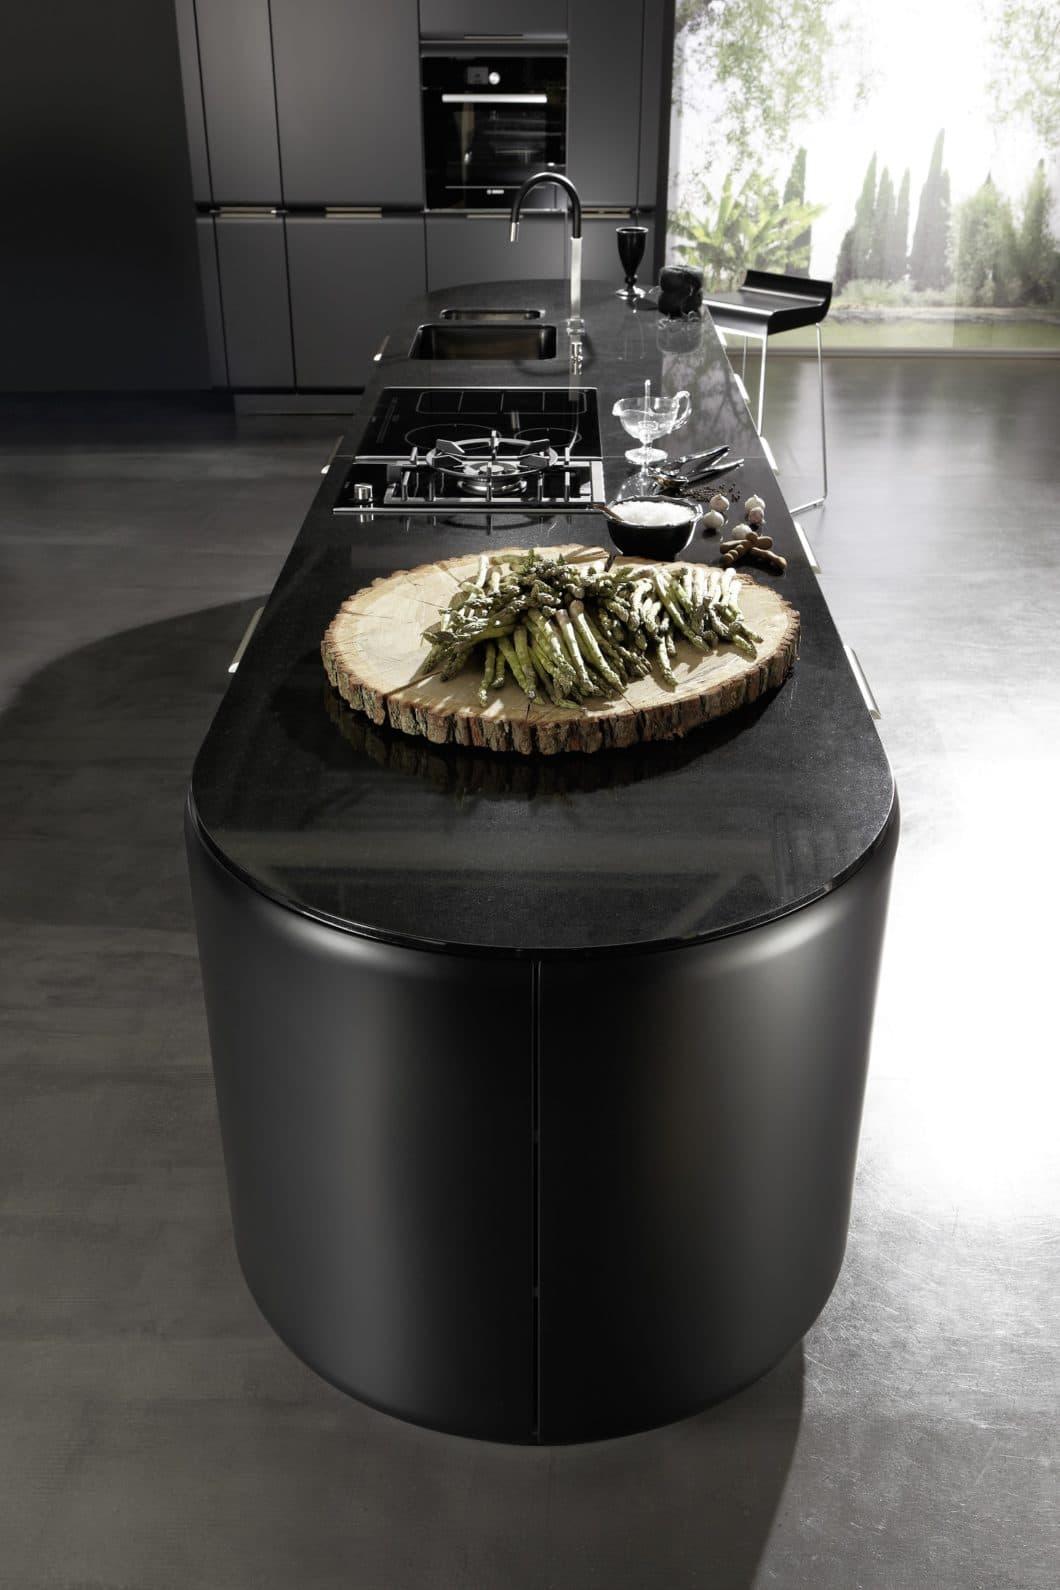 Praktisch: viele runde Endstücke von Kücheninseln werden als zusätzlicher Stauraum-Schrank genutzt. Nicht so praktisch hingegen: ein Essbereich ist fast unmöglich anzugliedern. (Foto: rational)